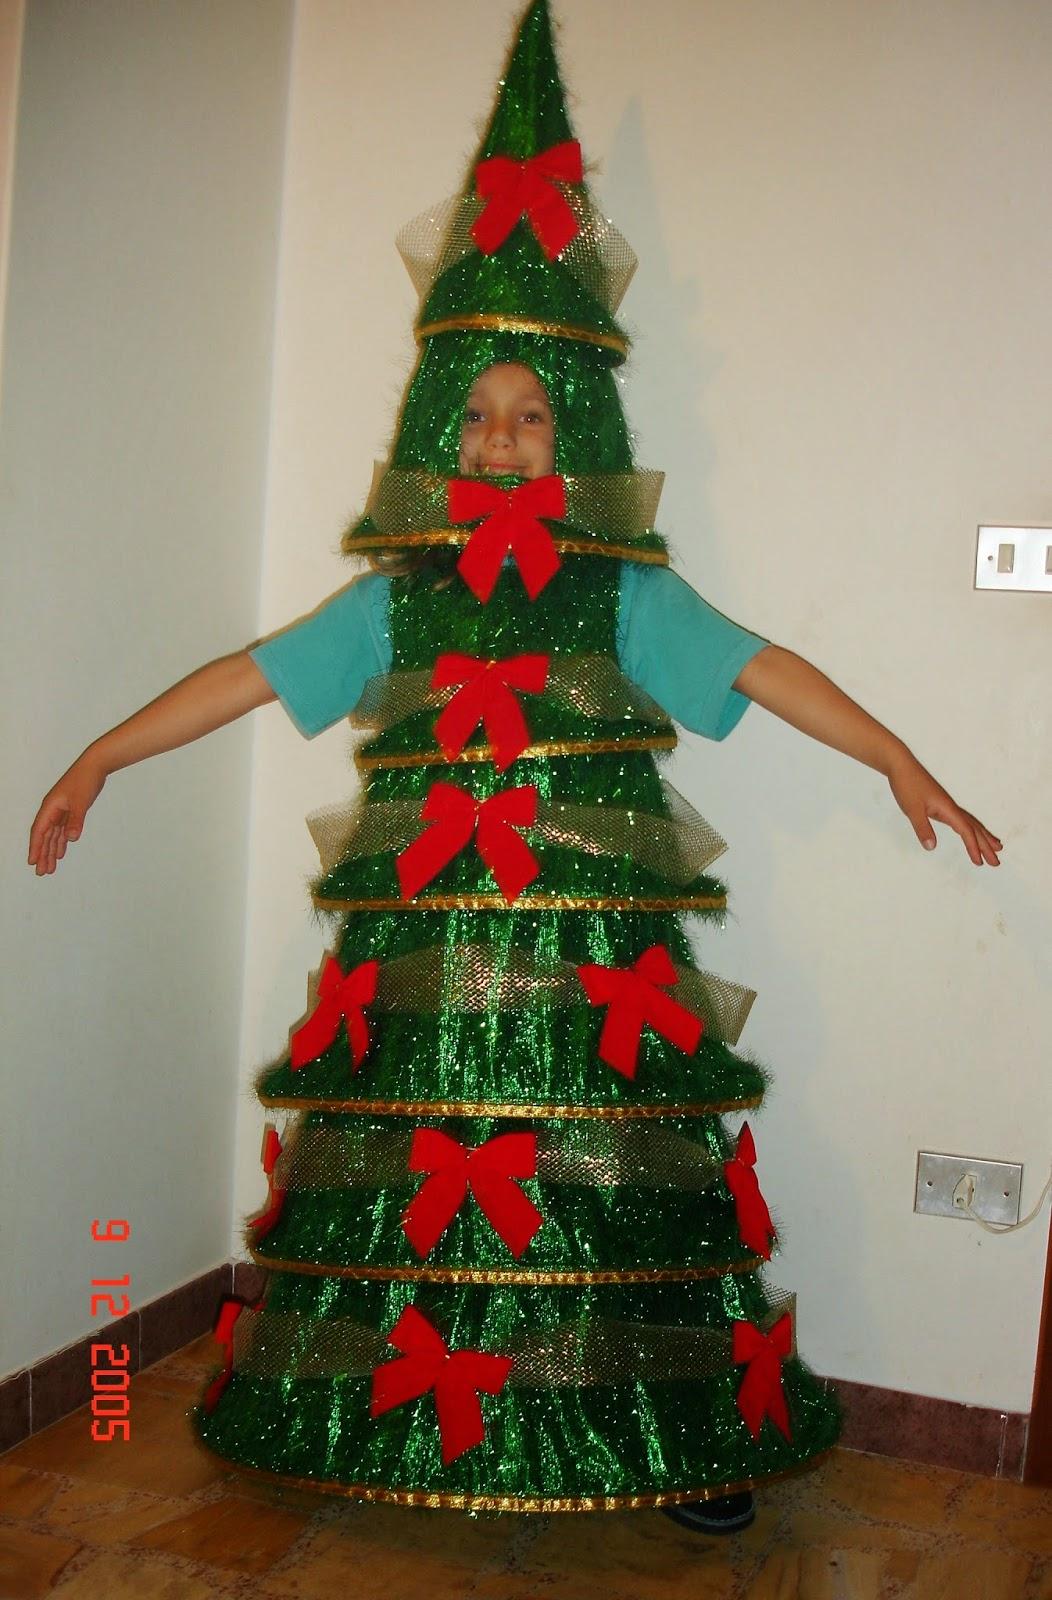 O obradoiro de klor disfraz de rbol de navidad - Disfraz nino navidad ...